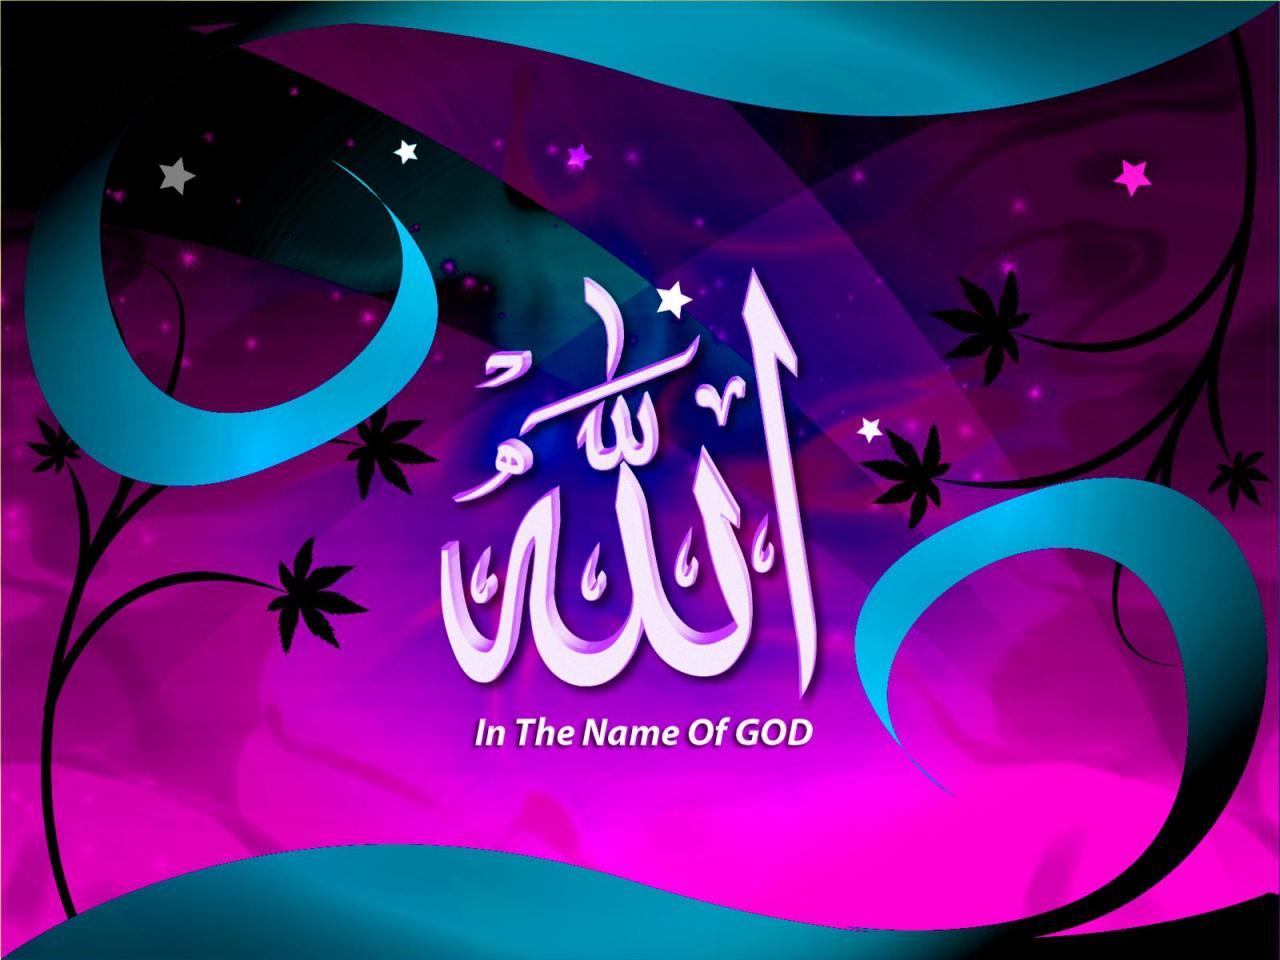 صورة صور اسم الله , اسم الله للفيس بوك